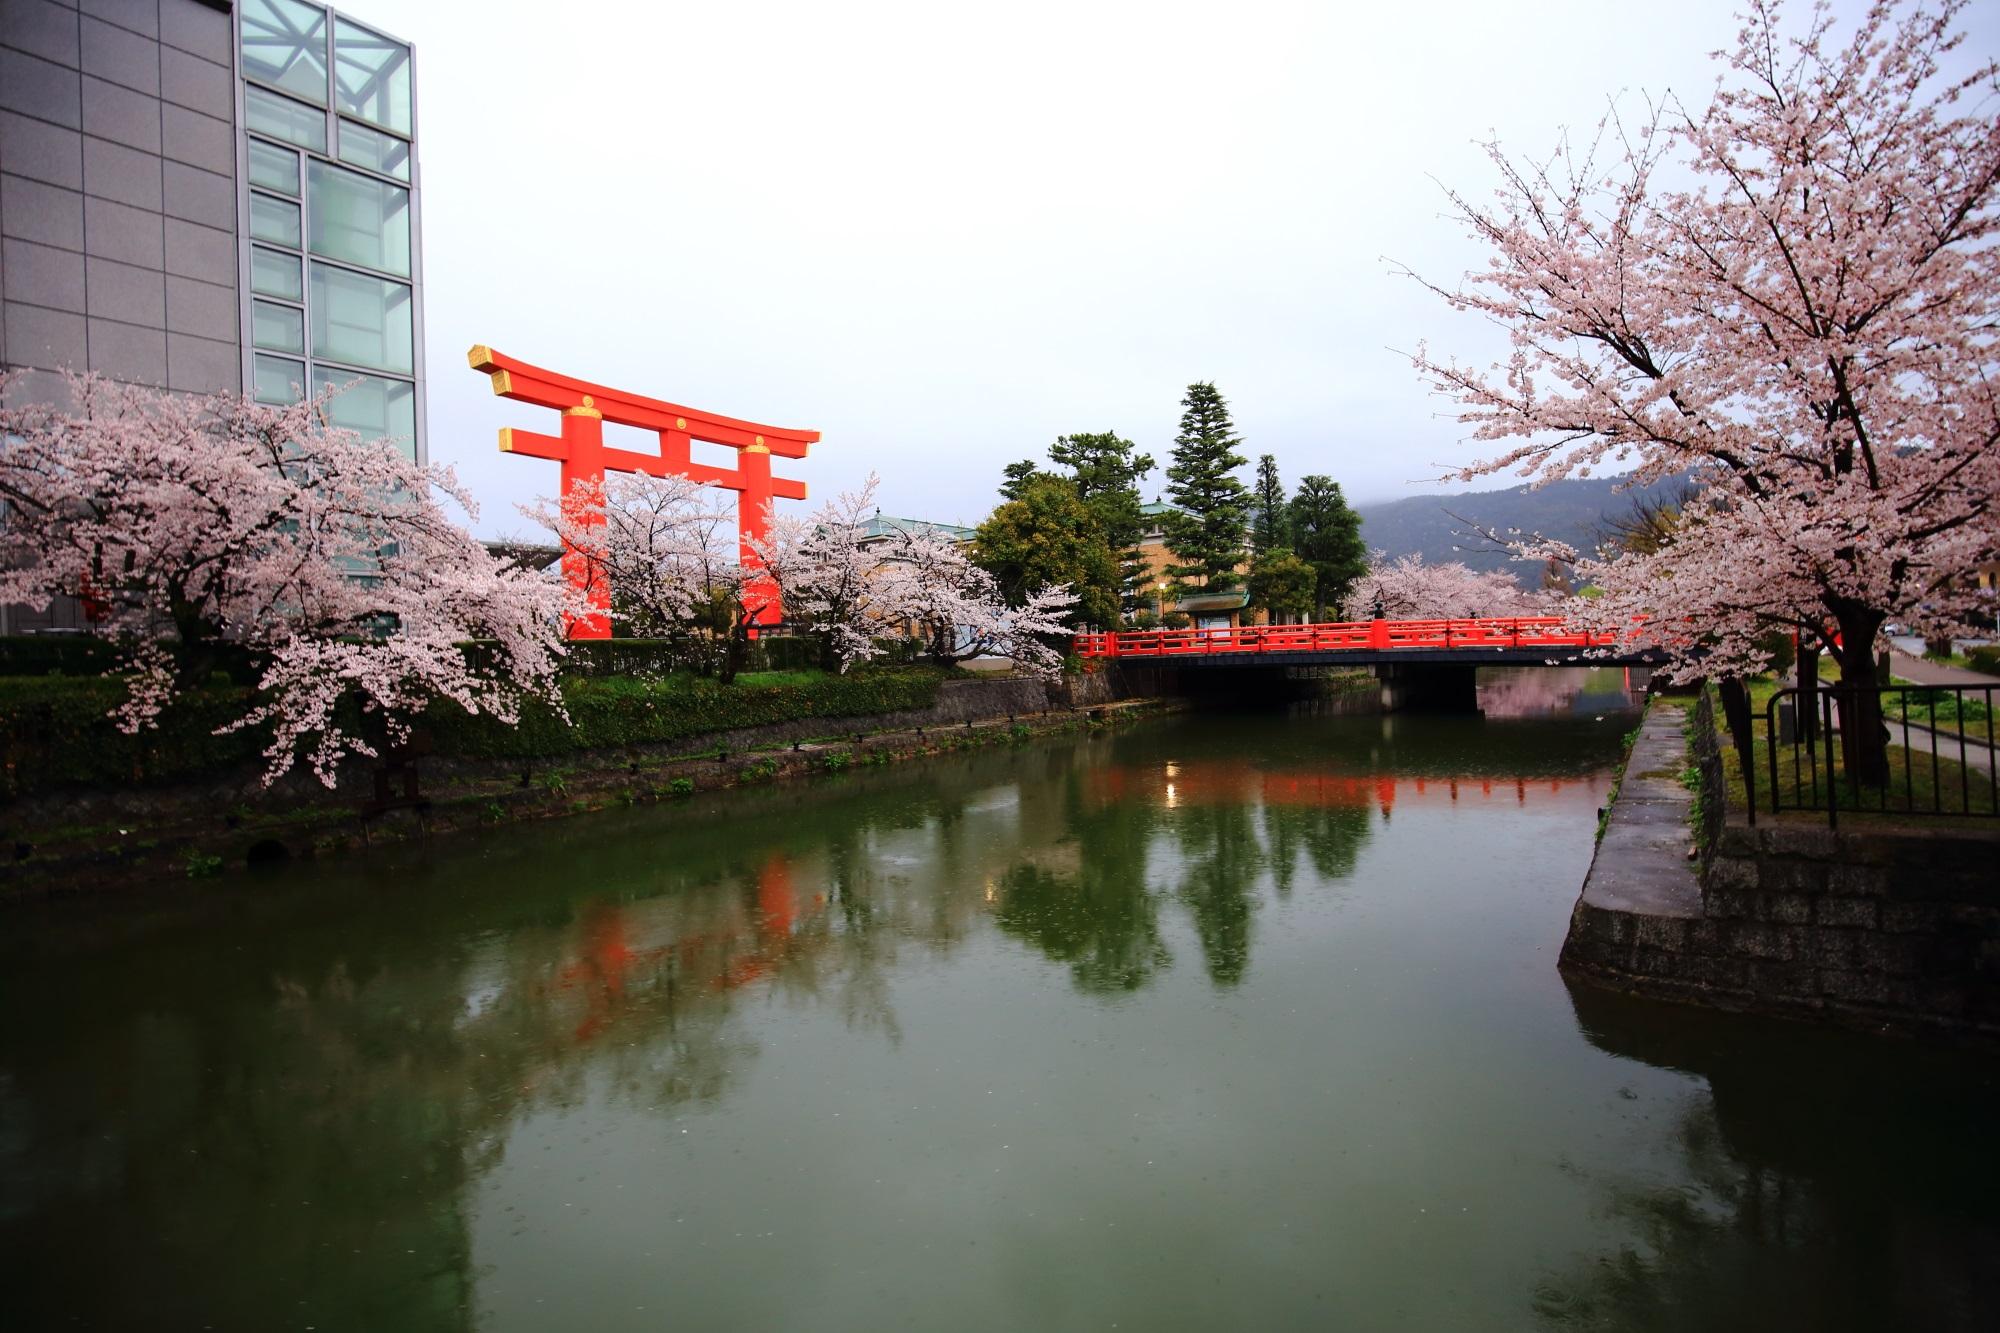 岡崎疏水の満開の桜と平安神宮の鳥居